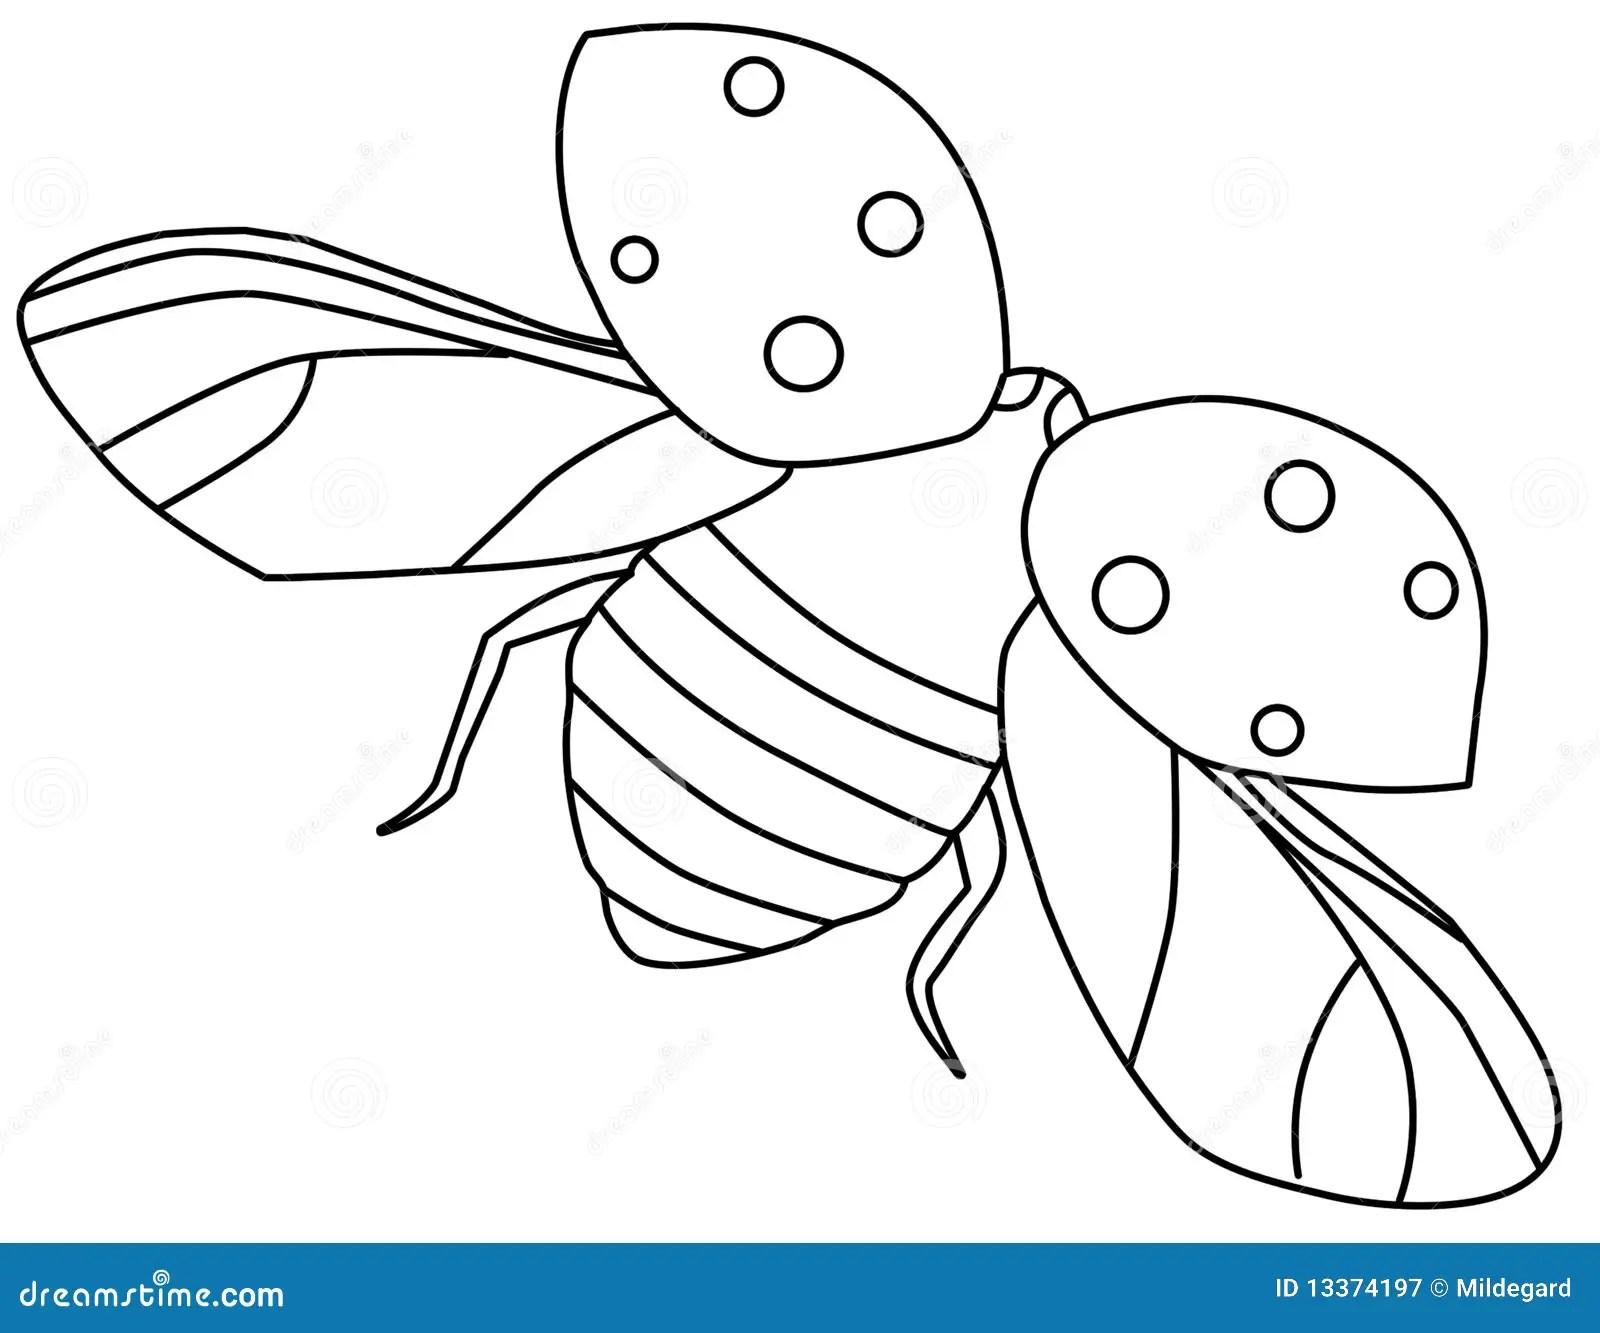 Flying ladybug contour stock illustration. Illustration of